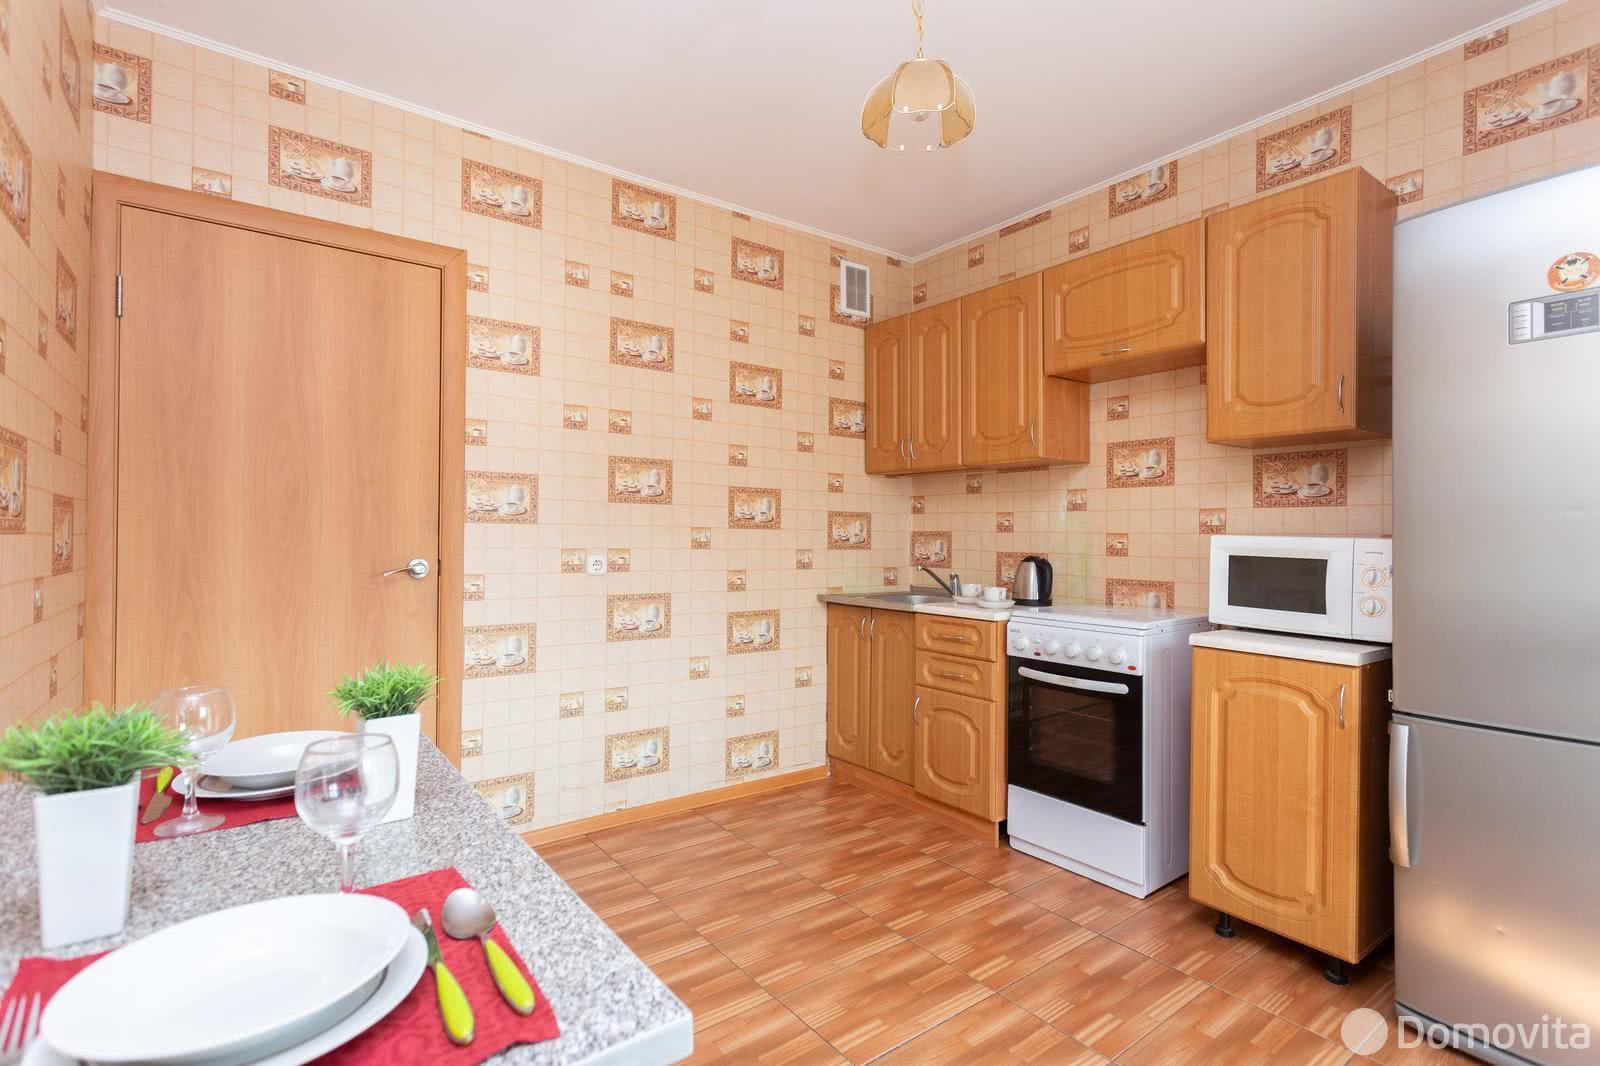 Аренда 1-комнатной квартиры на сутки в Минске ул. Германовская, д. 17 - фото 4